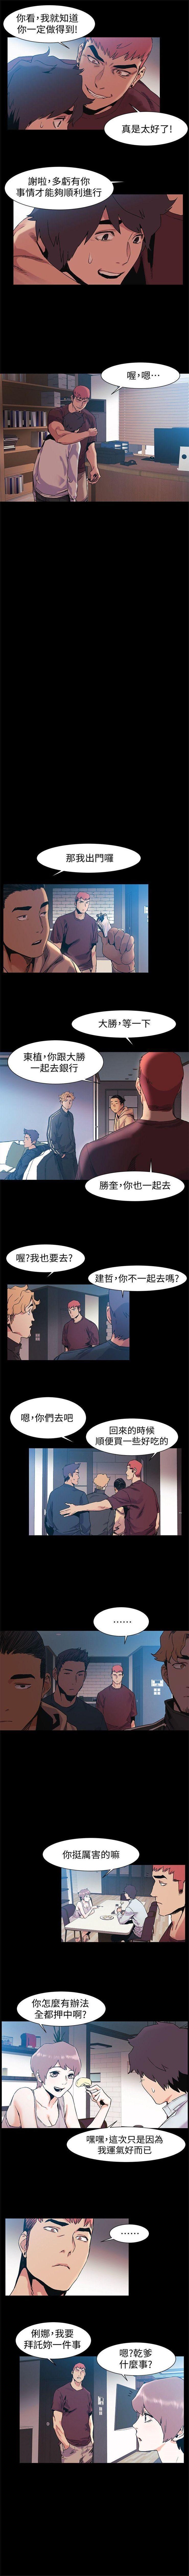 (週5)衝突 1-91 中文翻譯 (更新中) 194